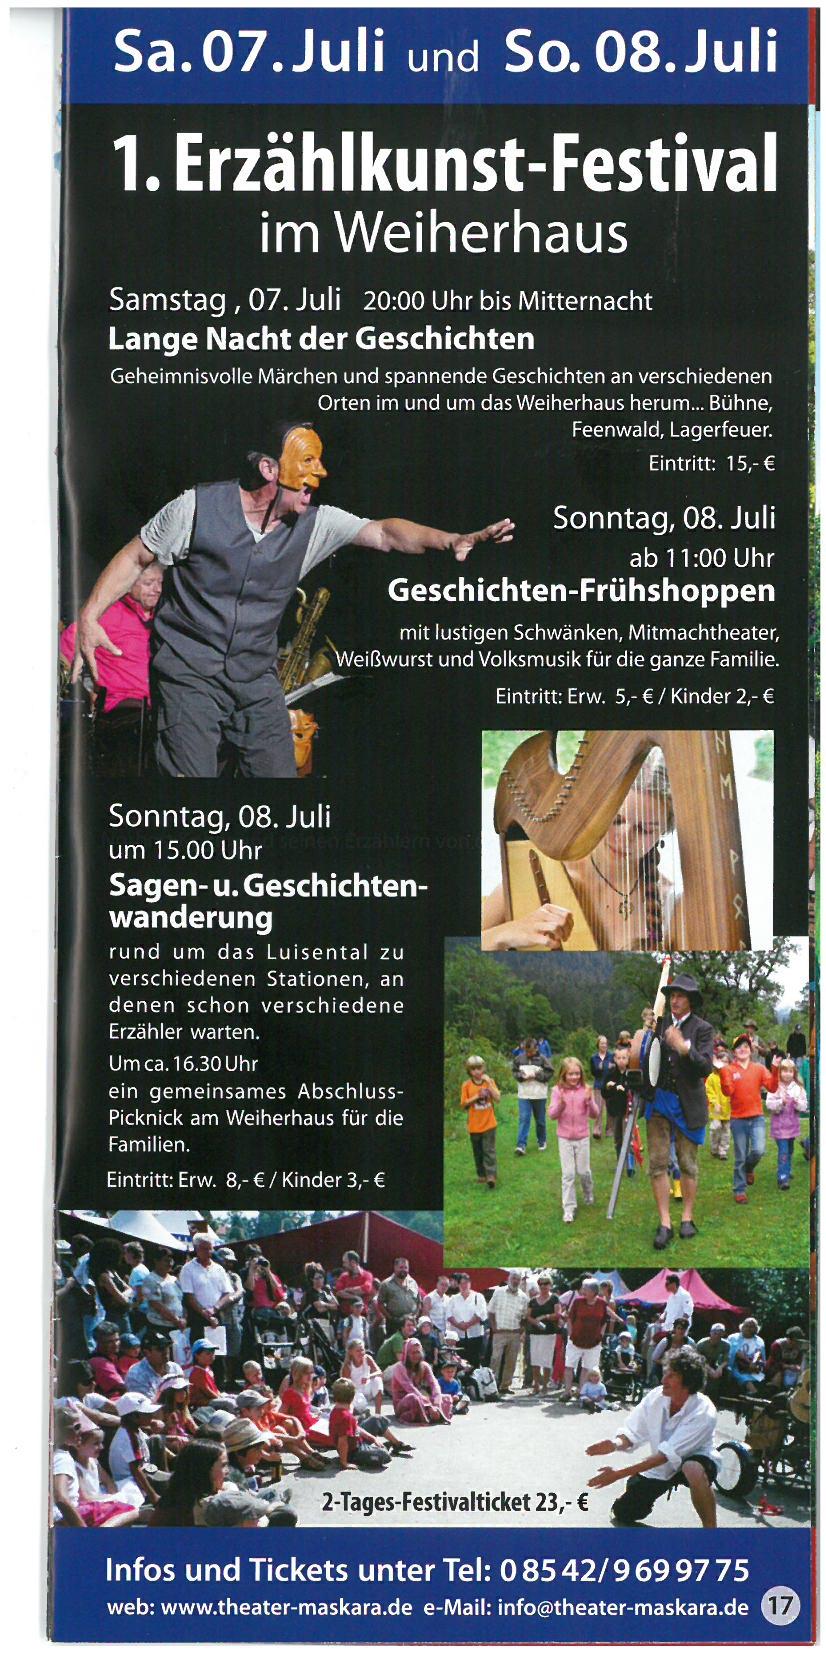 1. Erzählkunst-Festival im Weiherhaus